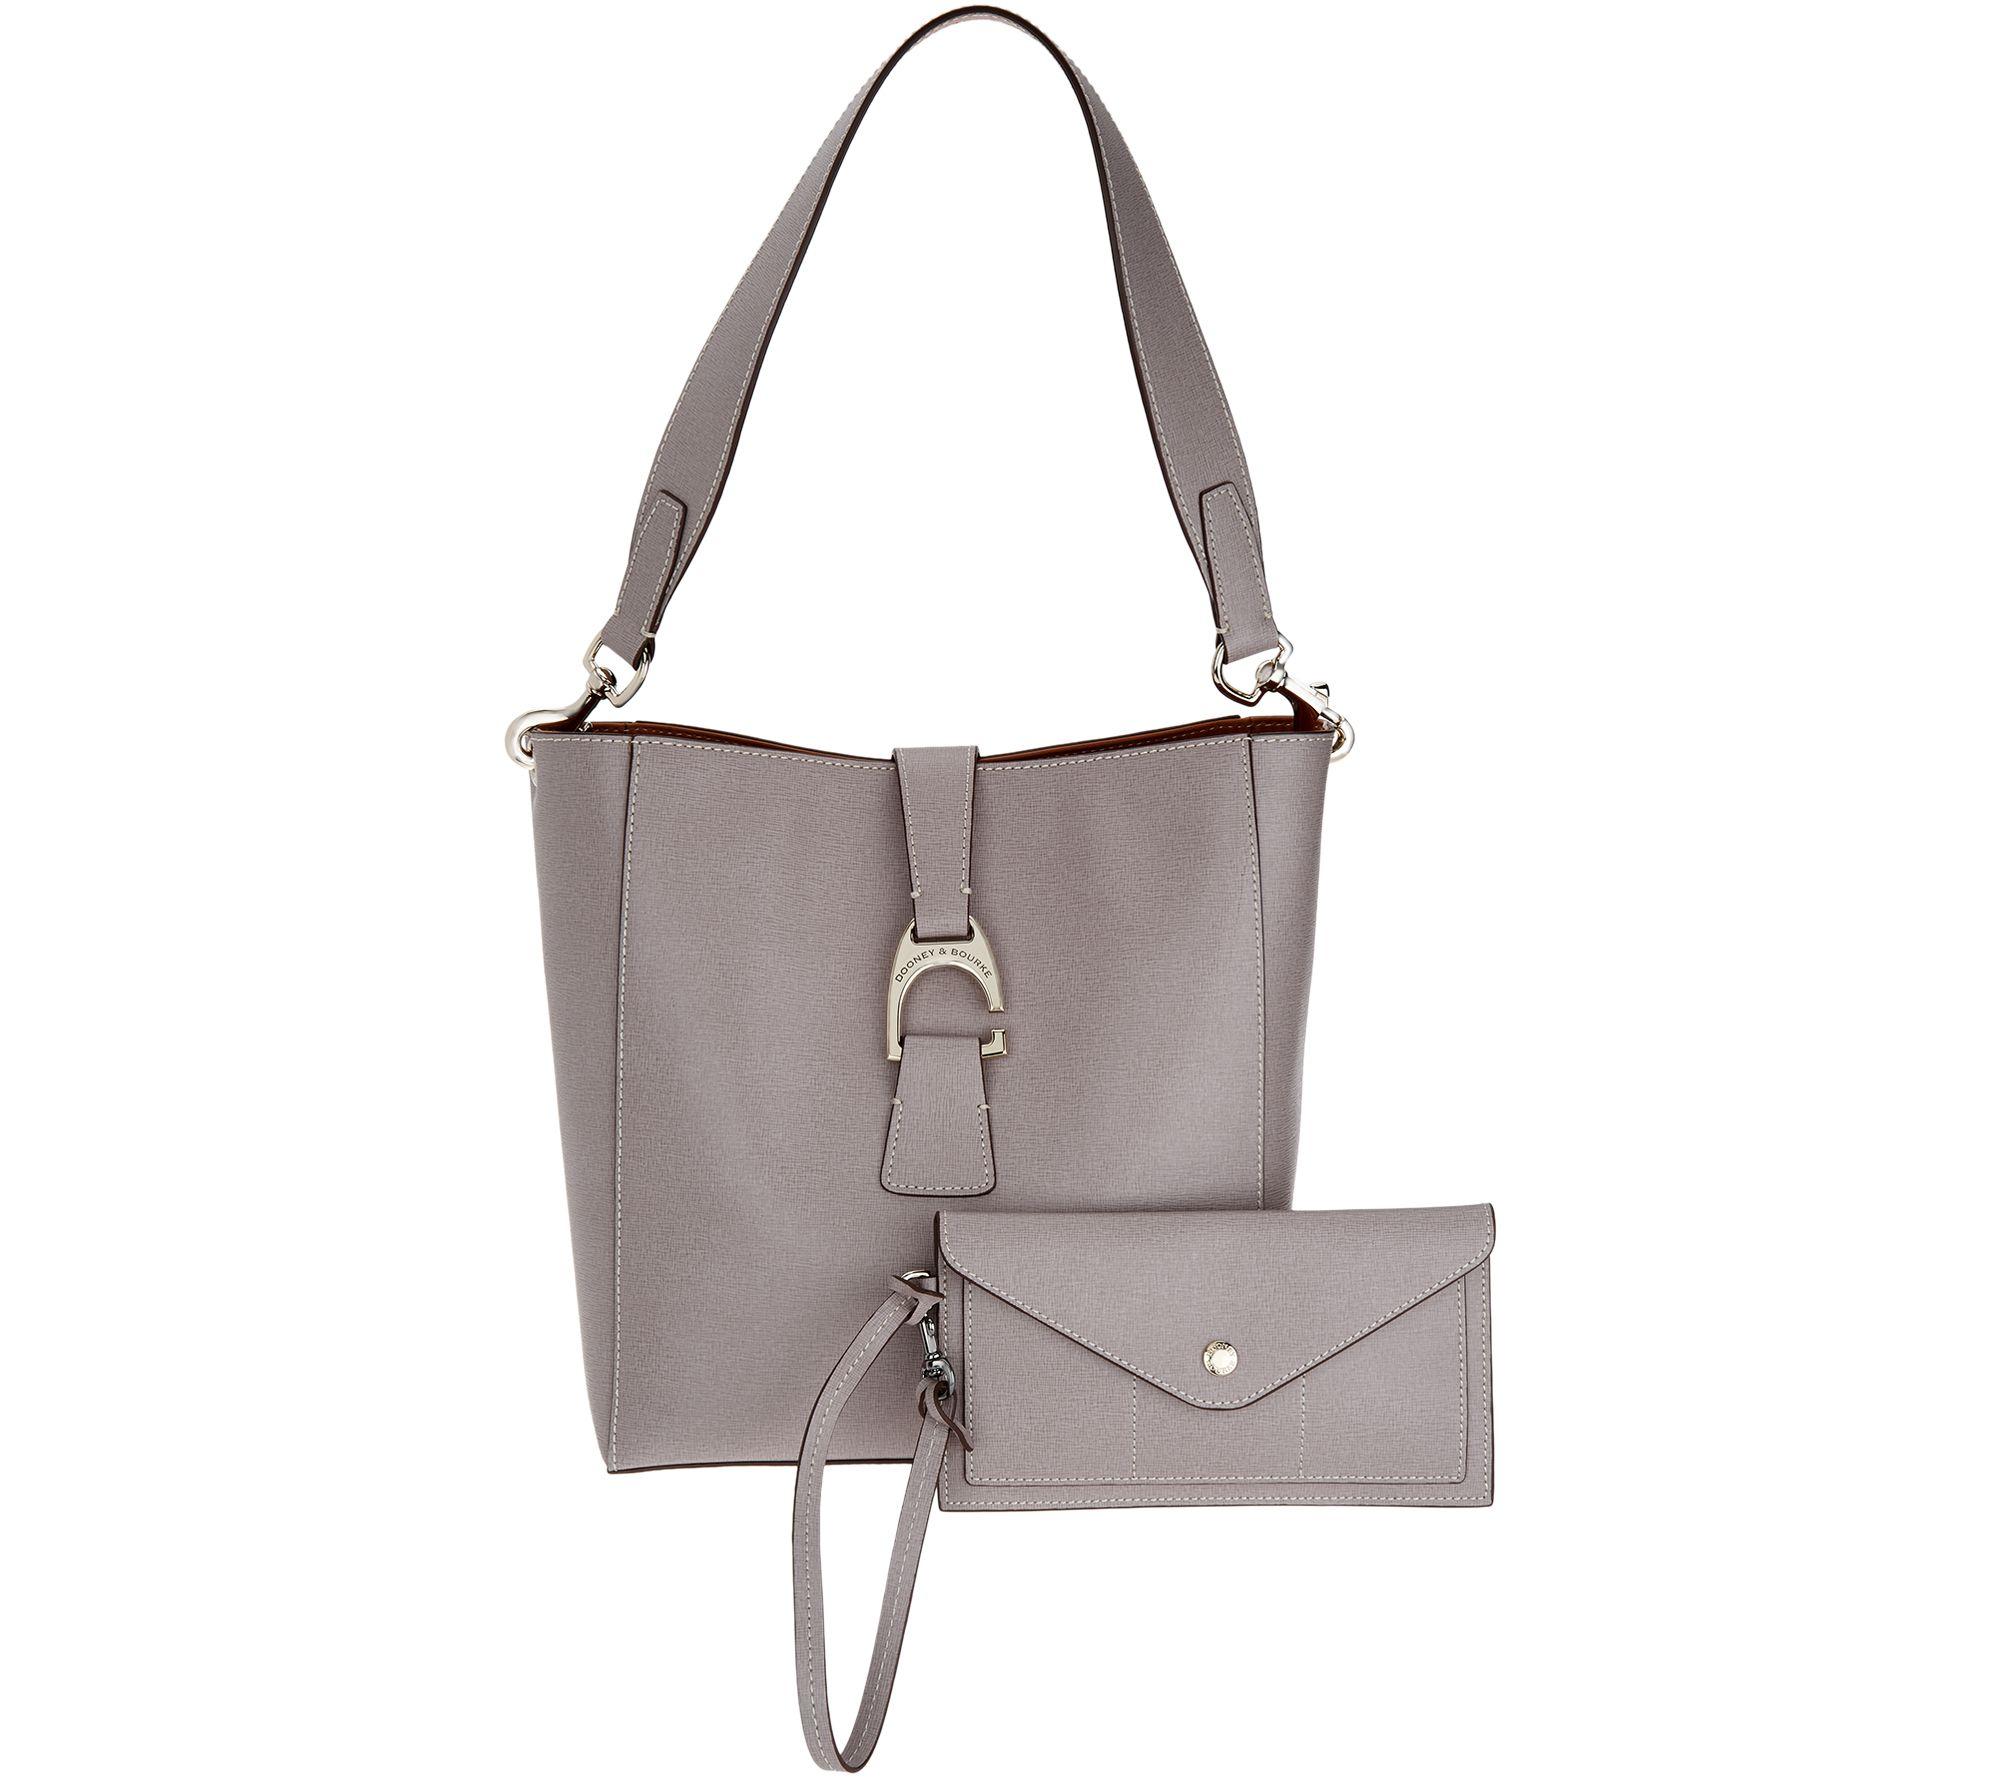 0b3cc3325d7 Dooney   Bourke Saffiano Leather Shoulder Bag - Ashby - Page 1 — QVC.com